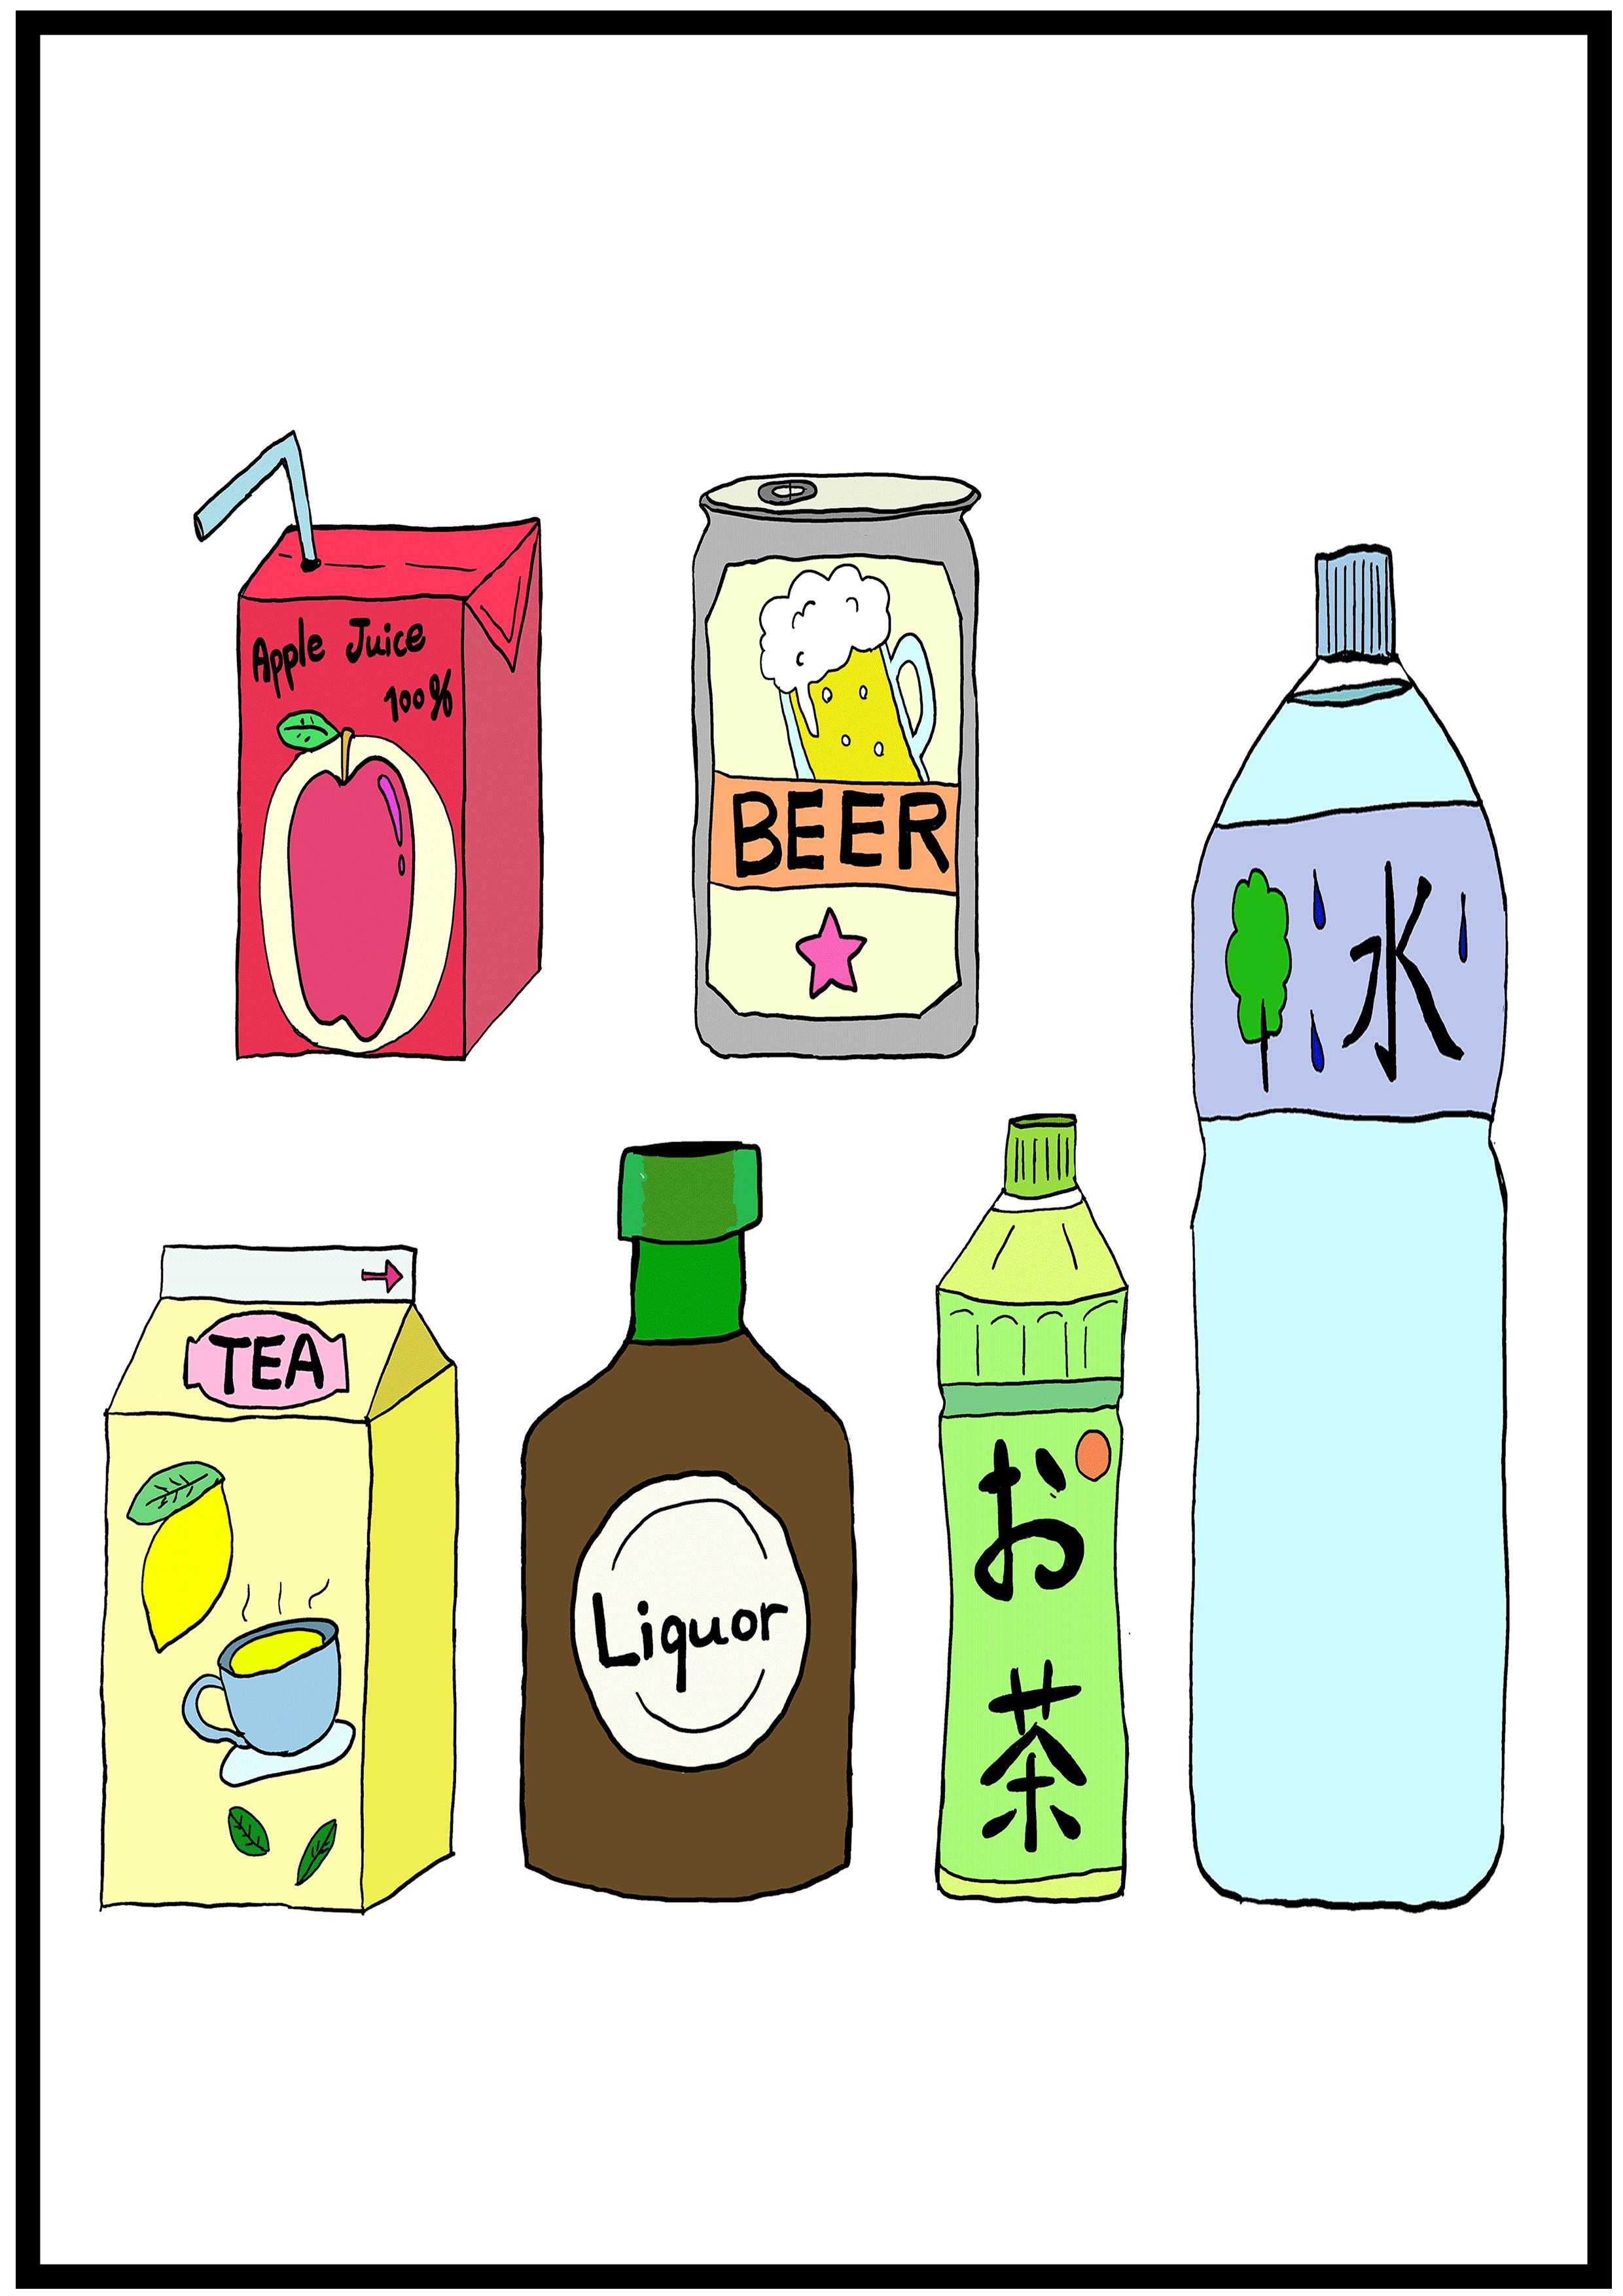 イラスト【いろいろな飲み物】